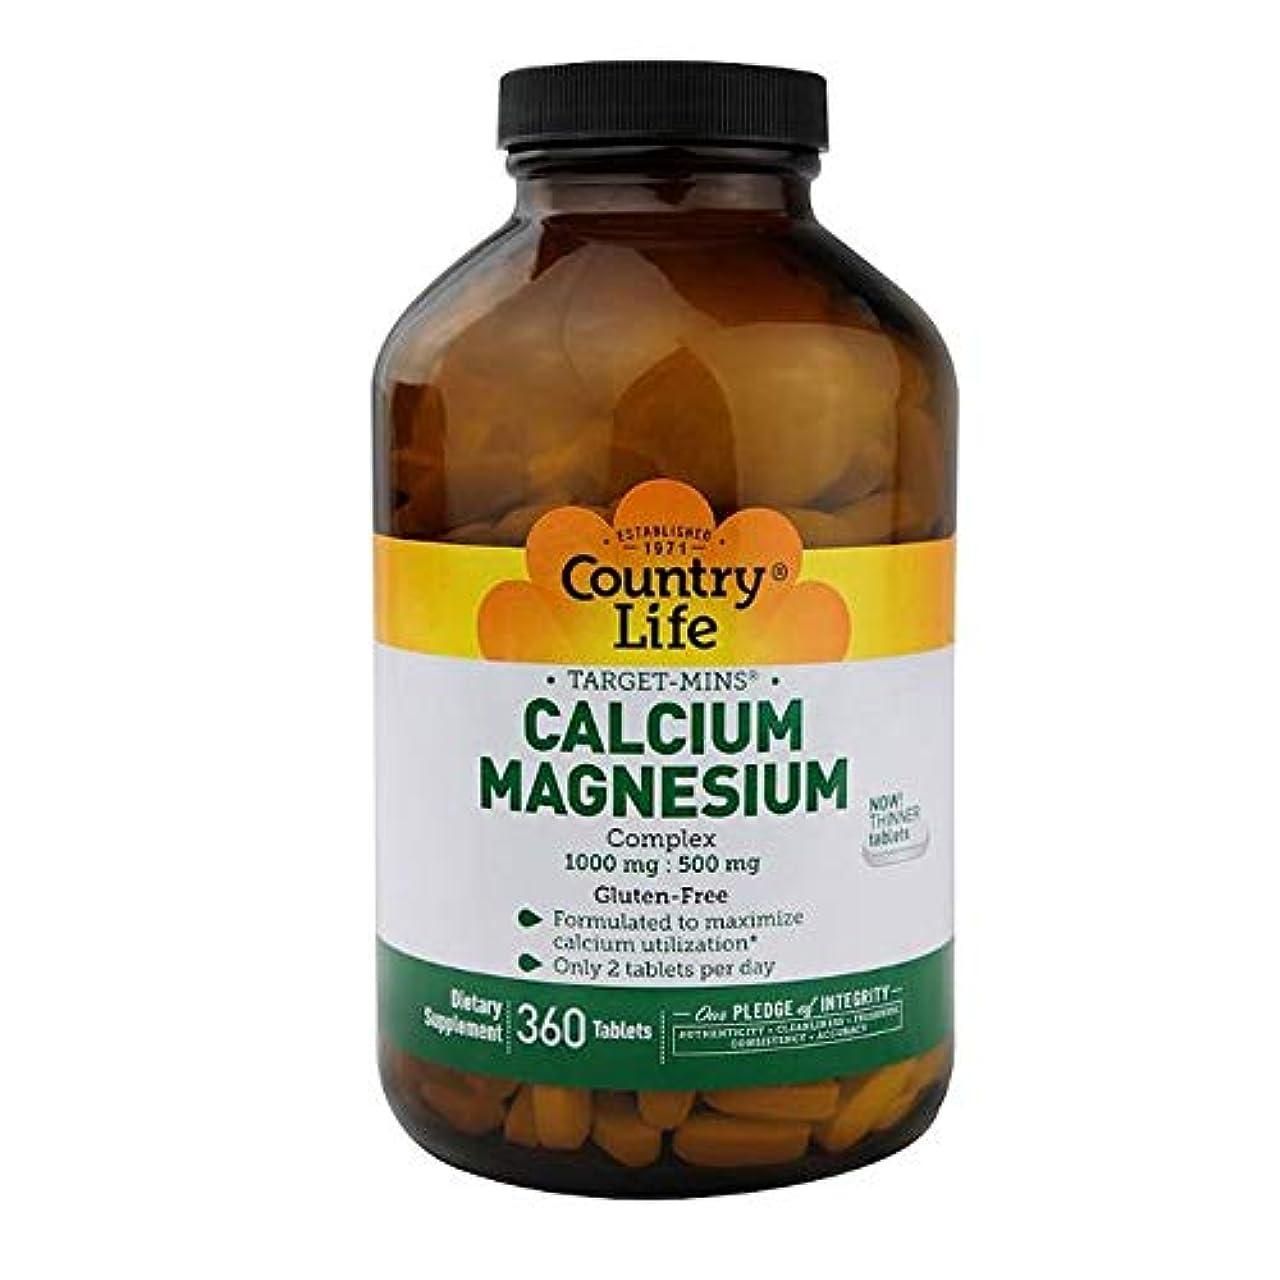 電子レンジ温室メロディアスCountry Life ターゲット ミネラル カルシウム マグネシウム 複合体 360錠 【アメリカ直送】